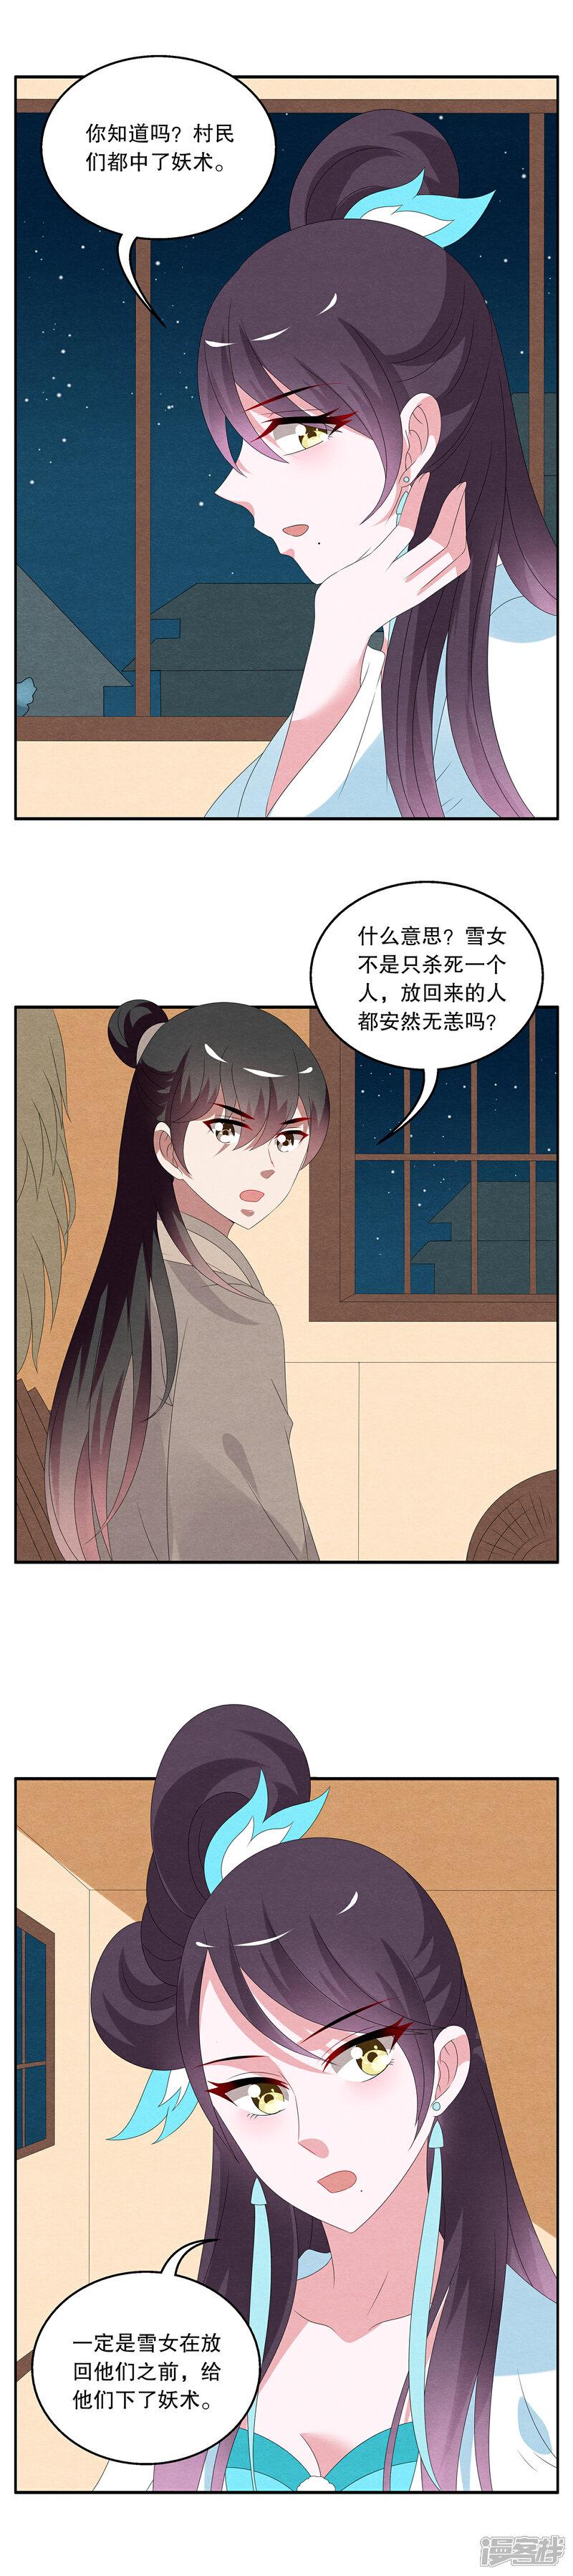 洛小妖90910006.JPG